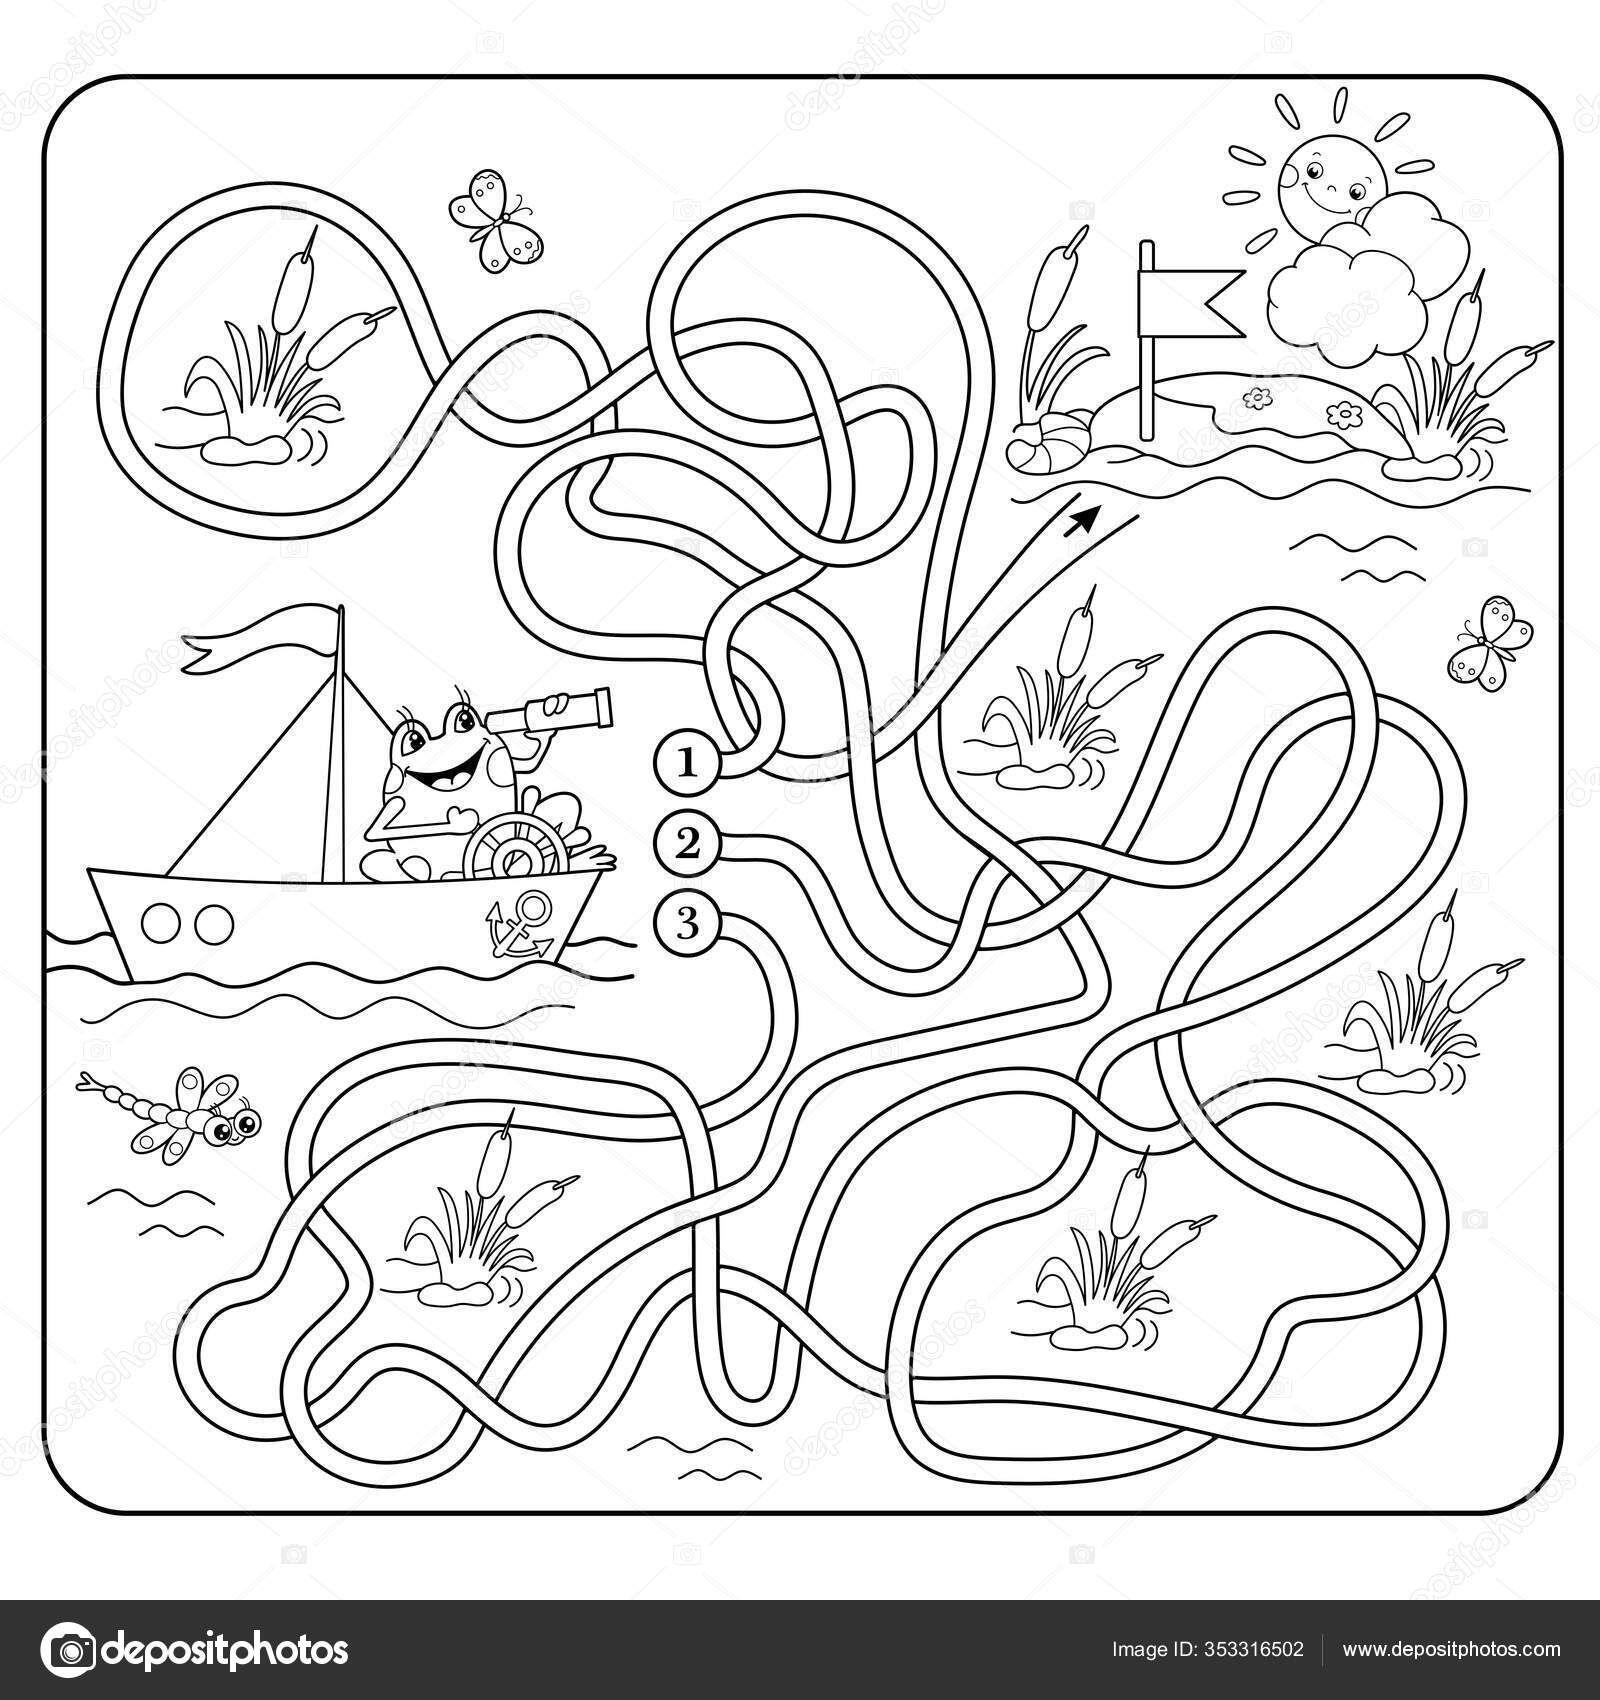 就学前の子供のための迷路や迷路ゲーム パズルだ 交差路だ マッチングゲーム ぬりえページ漫画カエルの概要 子供のためのぬり絵 迷路 ぬり絵 漫画